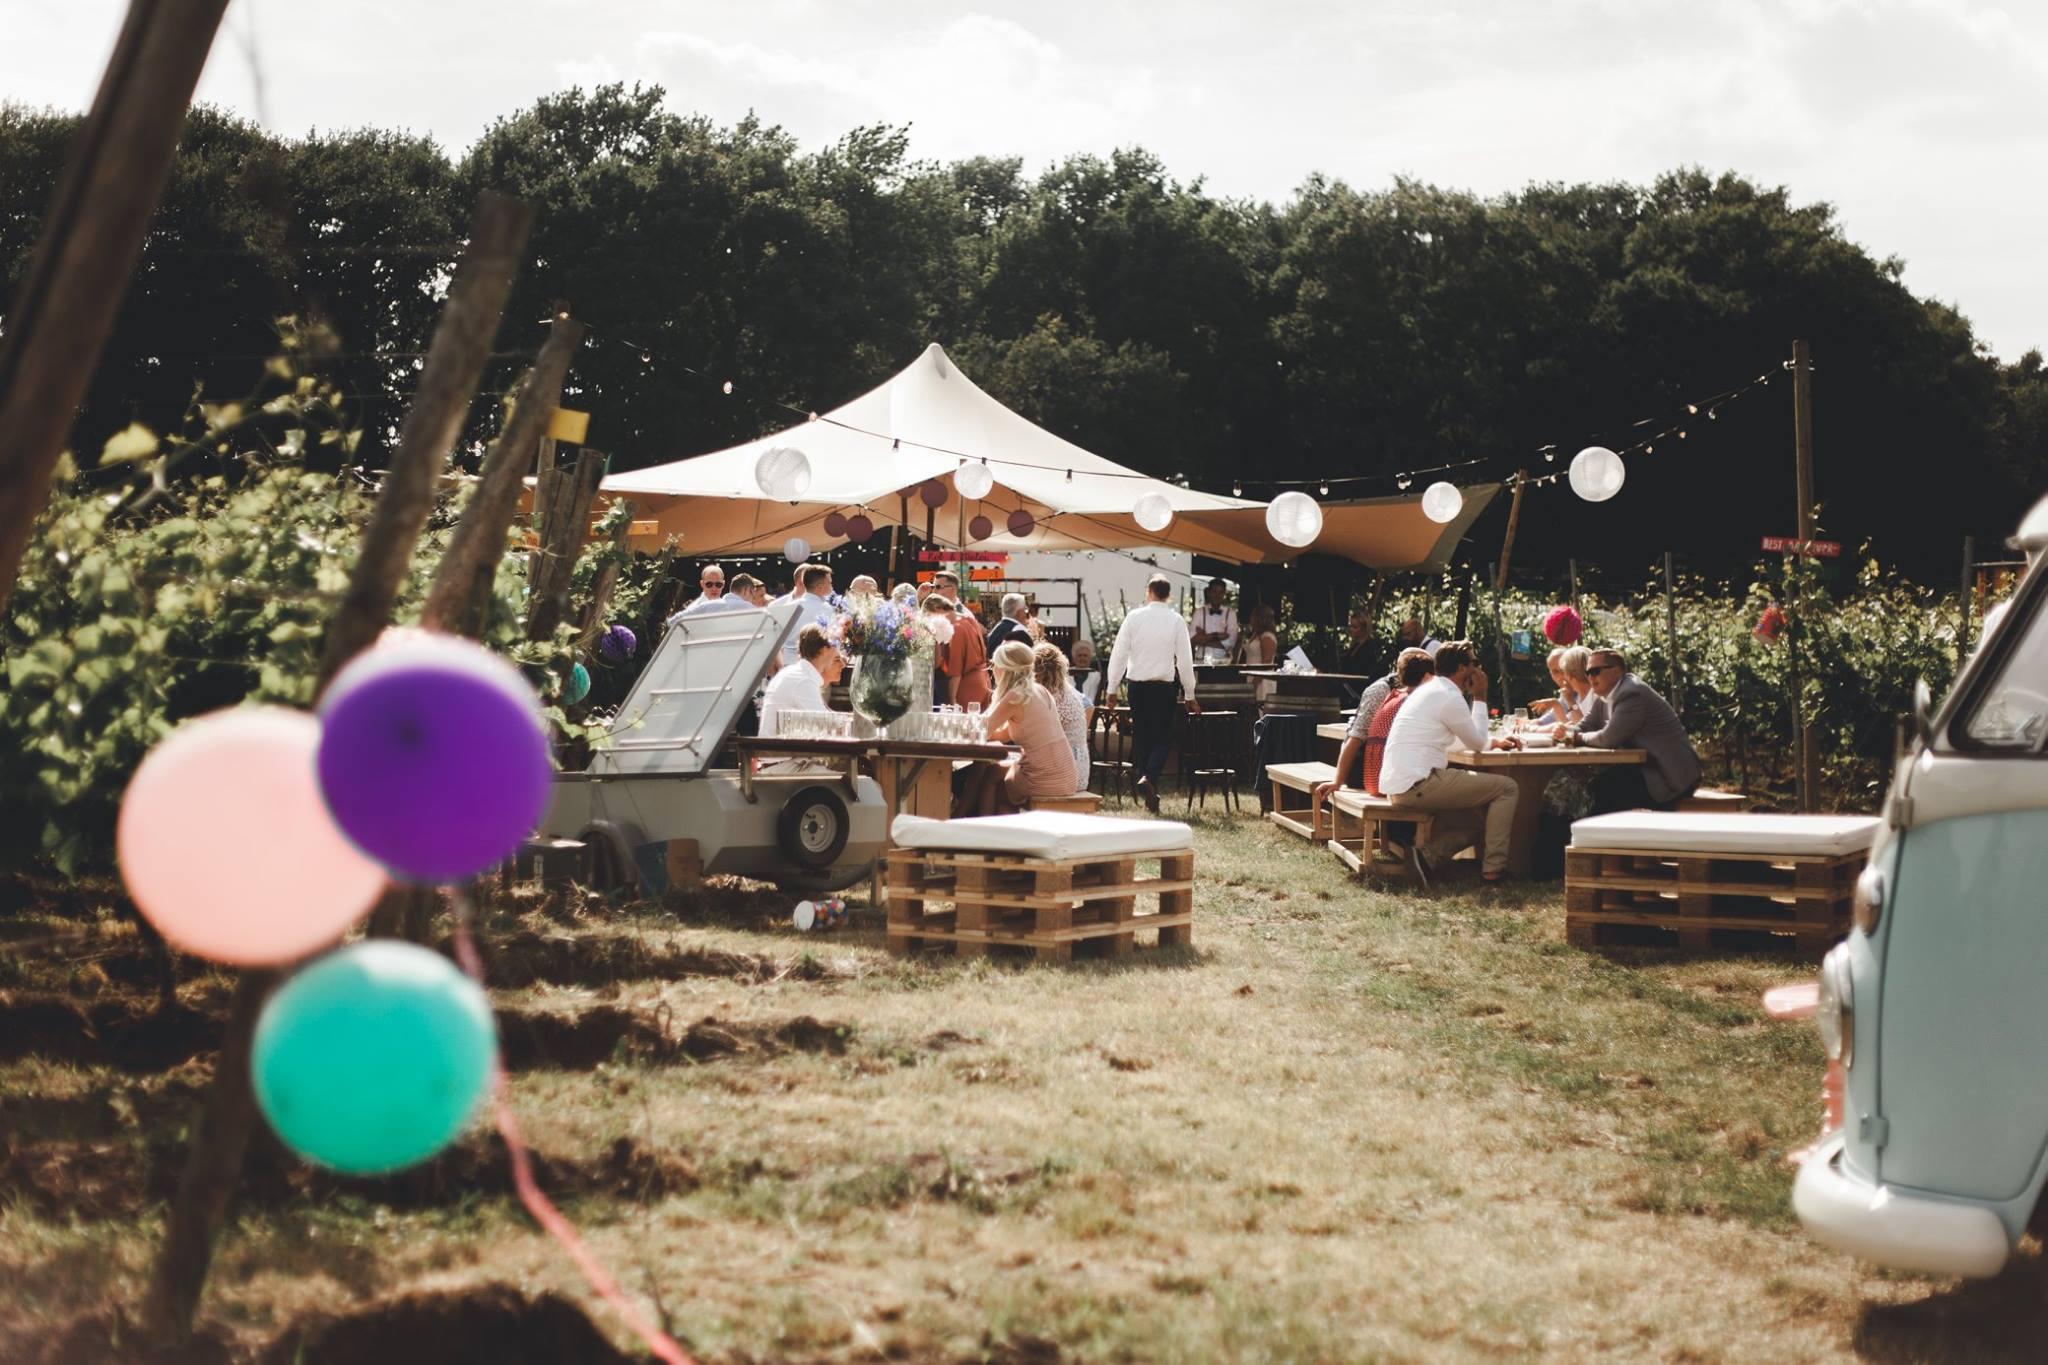 Wedding - Trouwen - Bruiloft - Huwelijk - Festival- uniek - op locatie - Boenders Catering